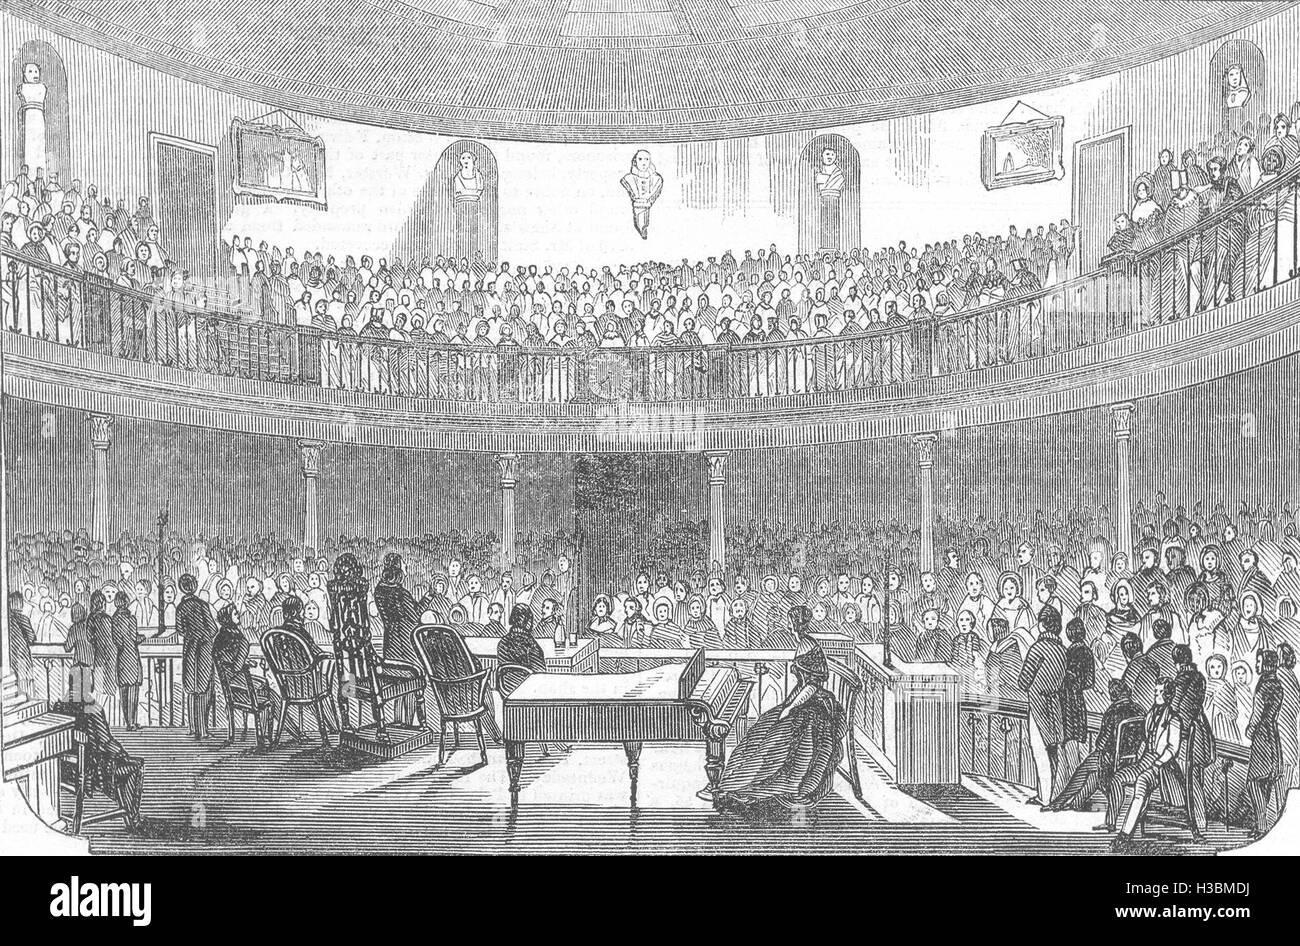 LIVERPOOL-Soiree am Mechanik; INST, Dickenss Adresse 1844. Der illustrierte London News Stockbild